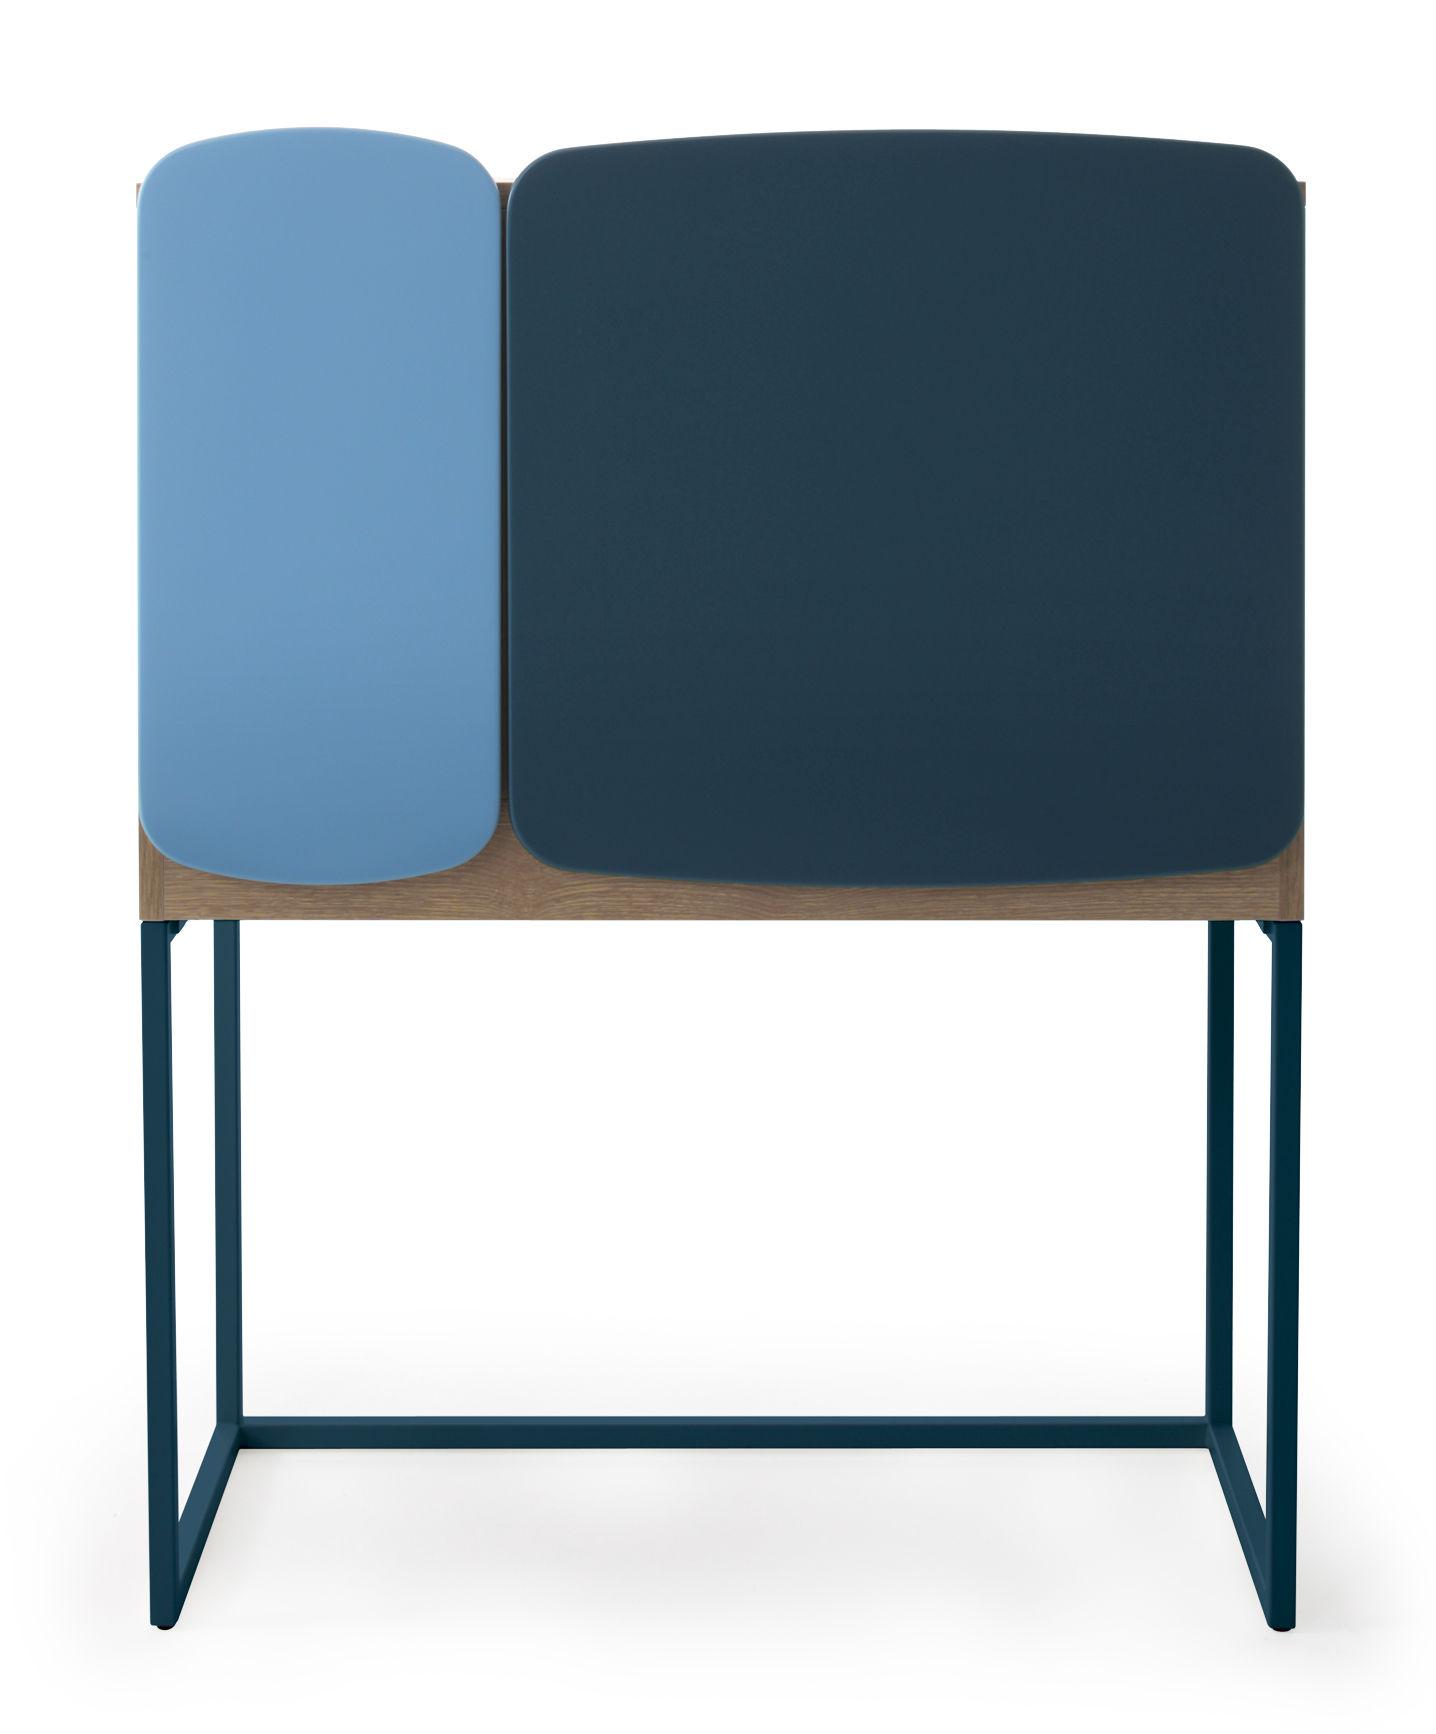 Meuble de rangement legato l 82 x h 107 cm bleu bois for Meuble rangement 110 cm